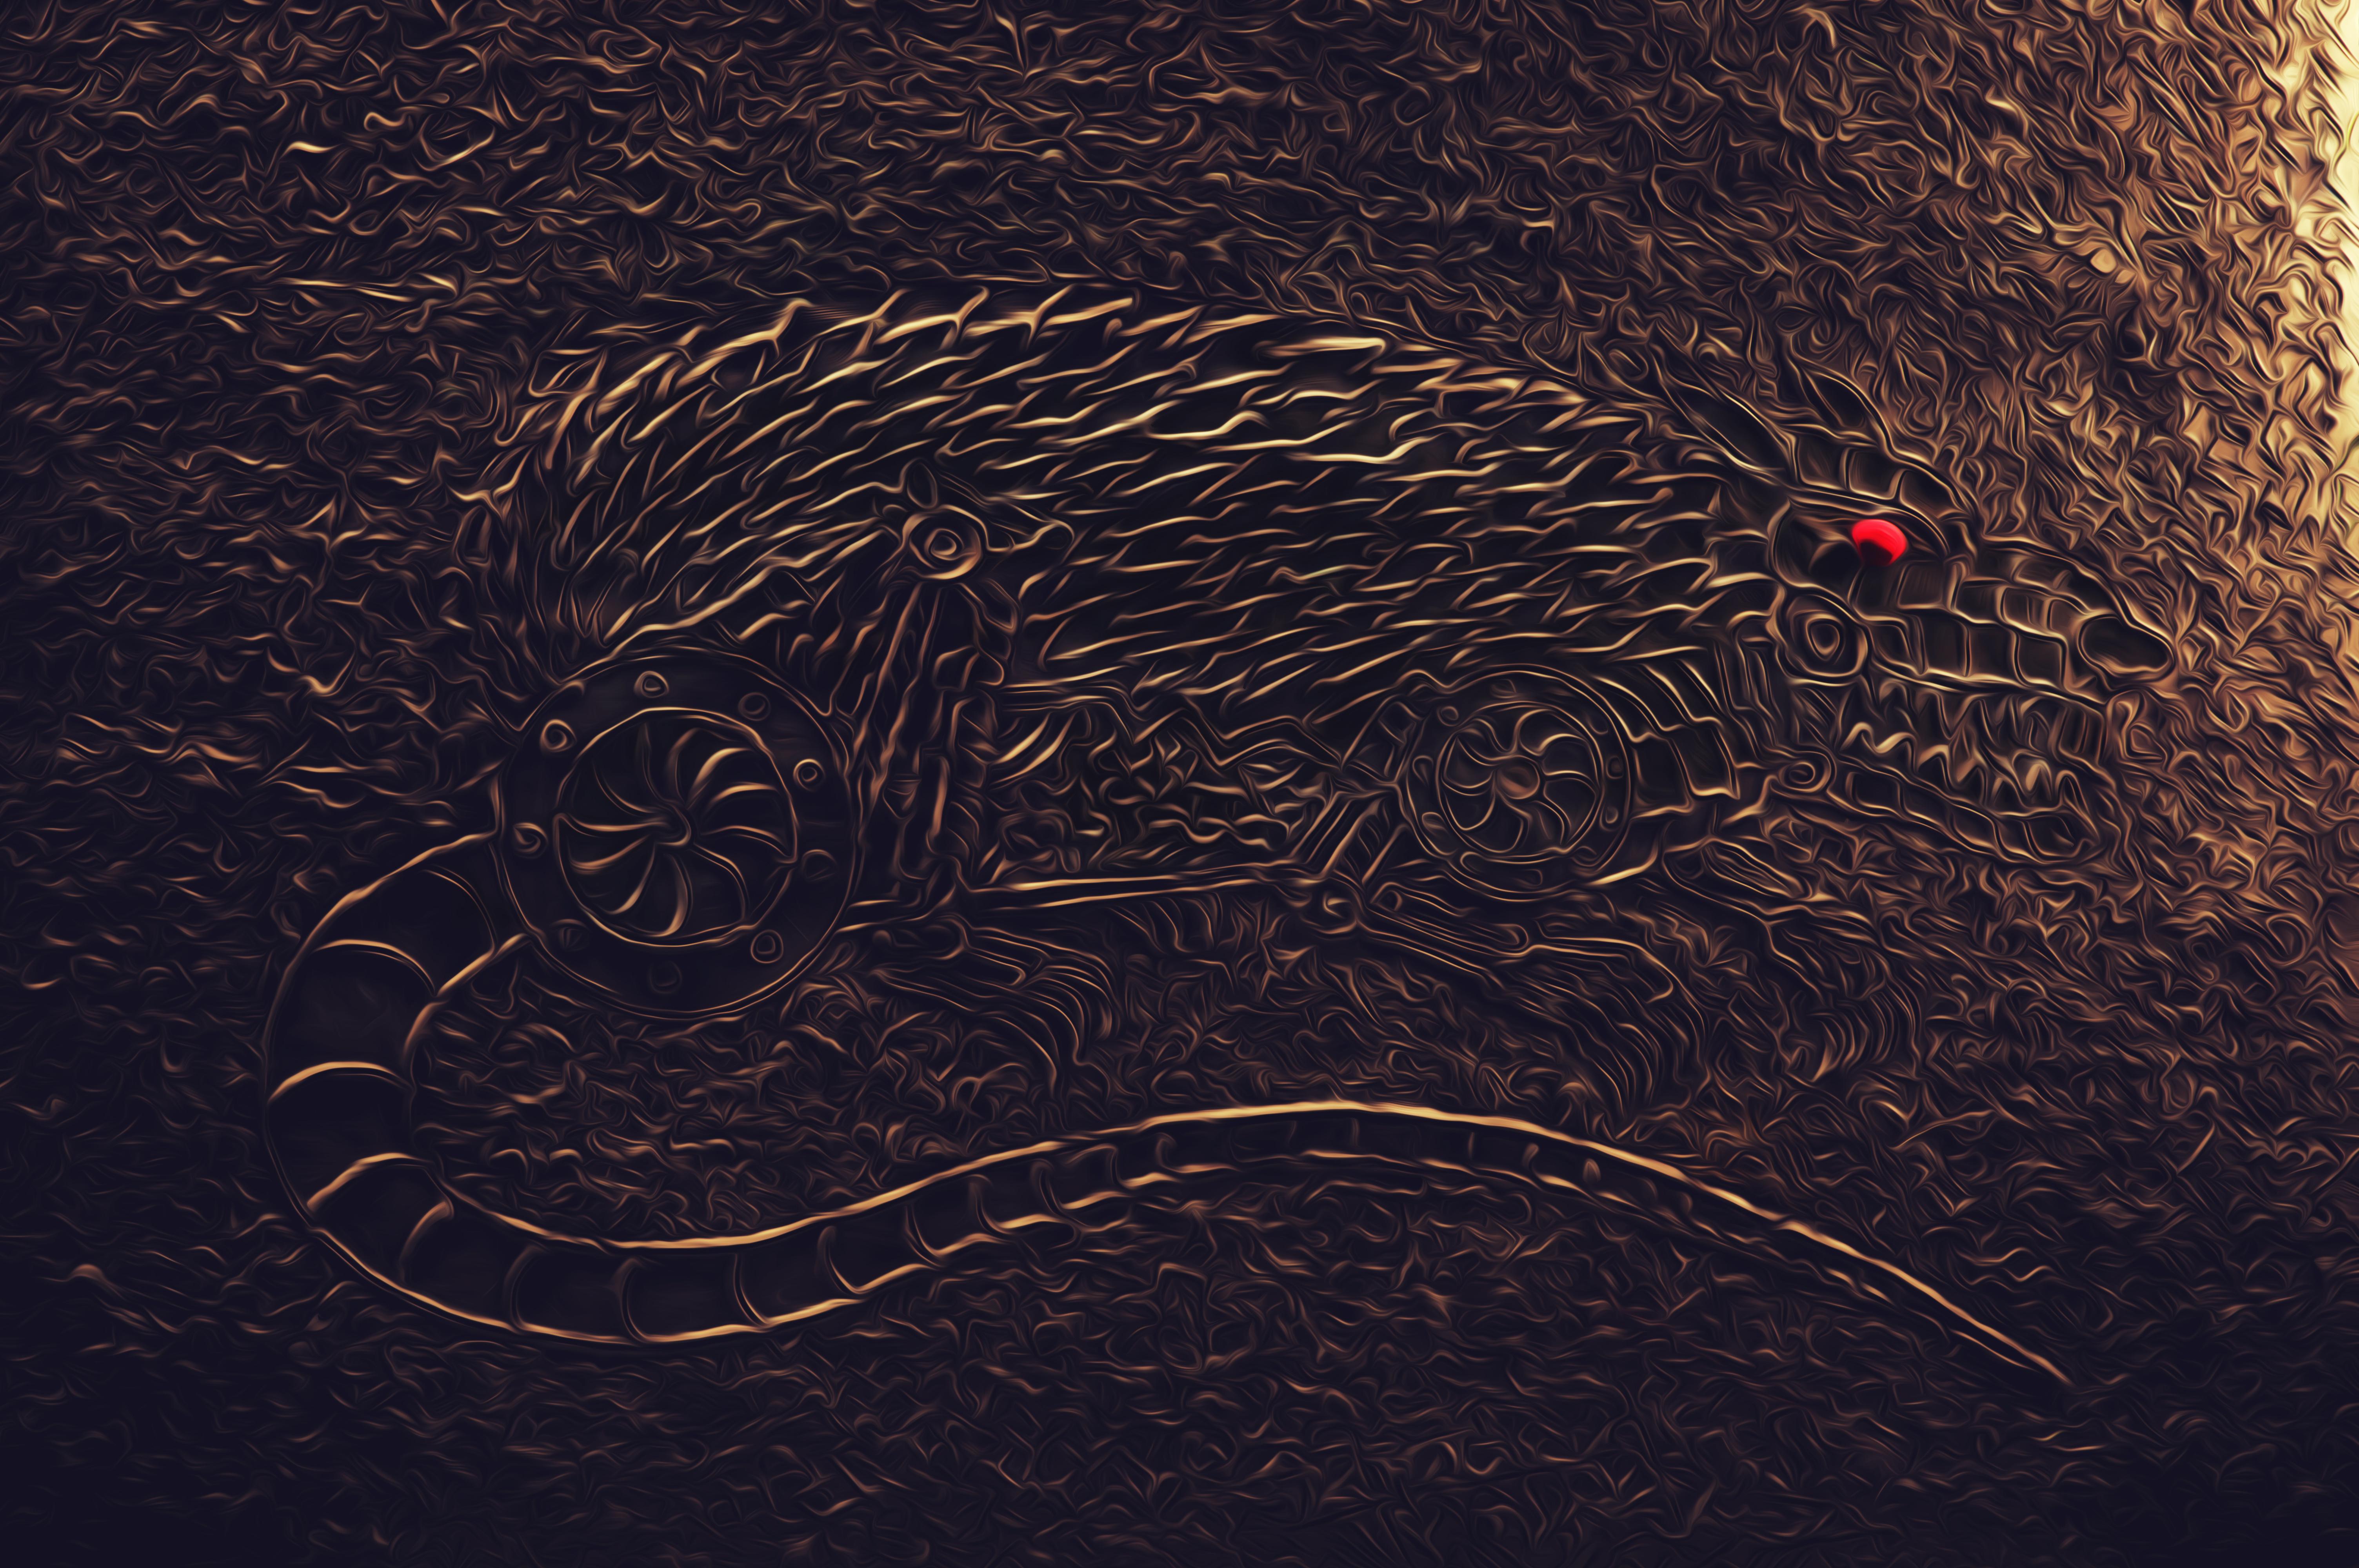 2020 golden metal rat painted texture on plasticine